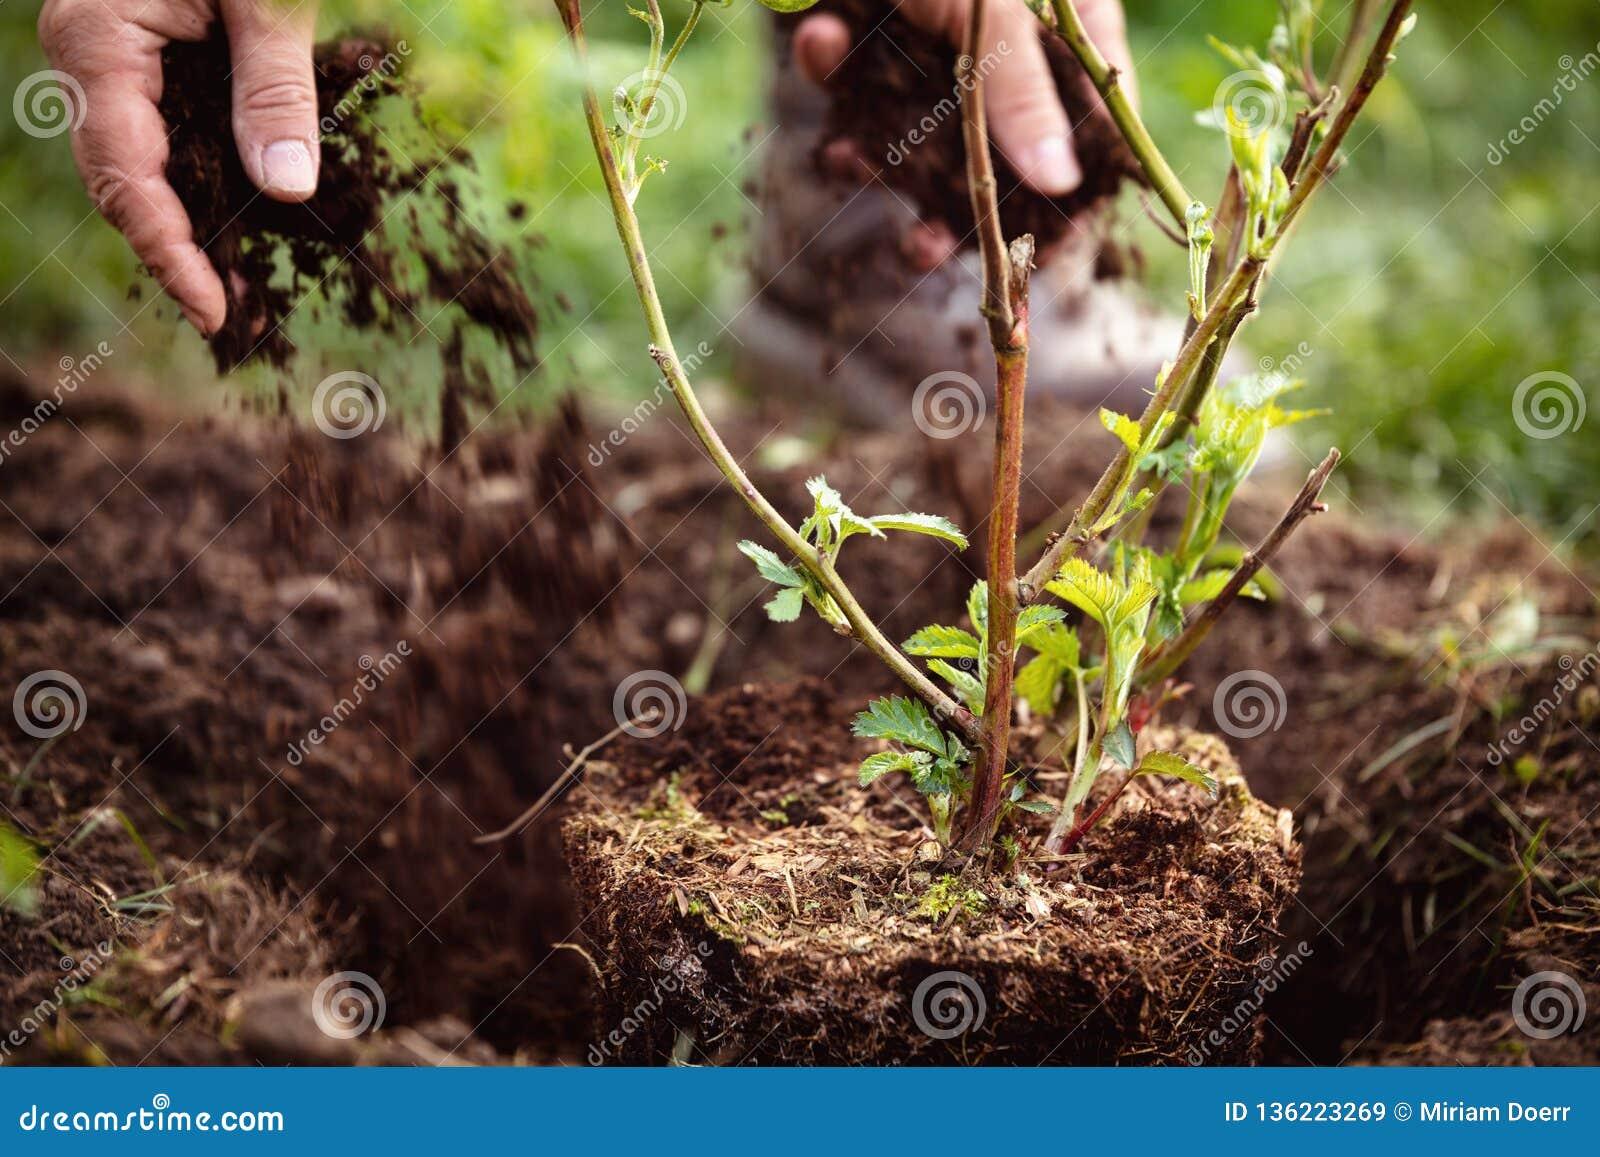 Jardinier paillant une mûre, un jardinage et un soin de plantation de jardin des usines